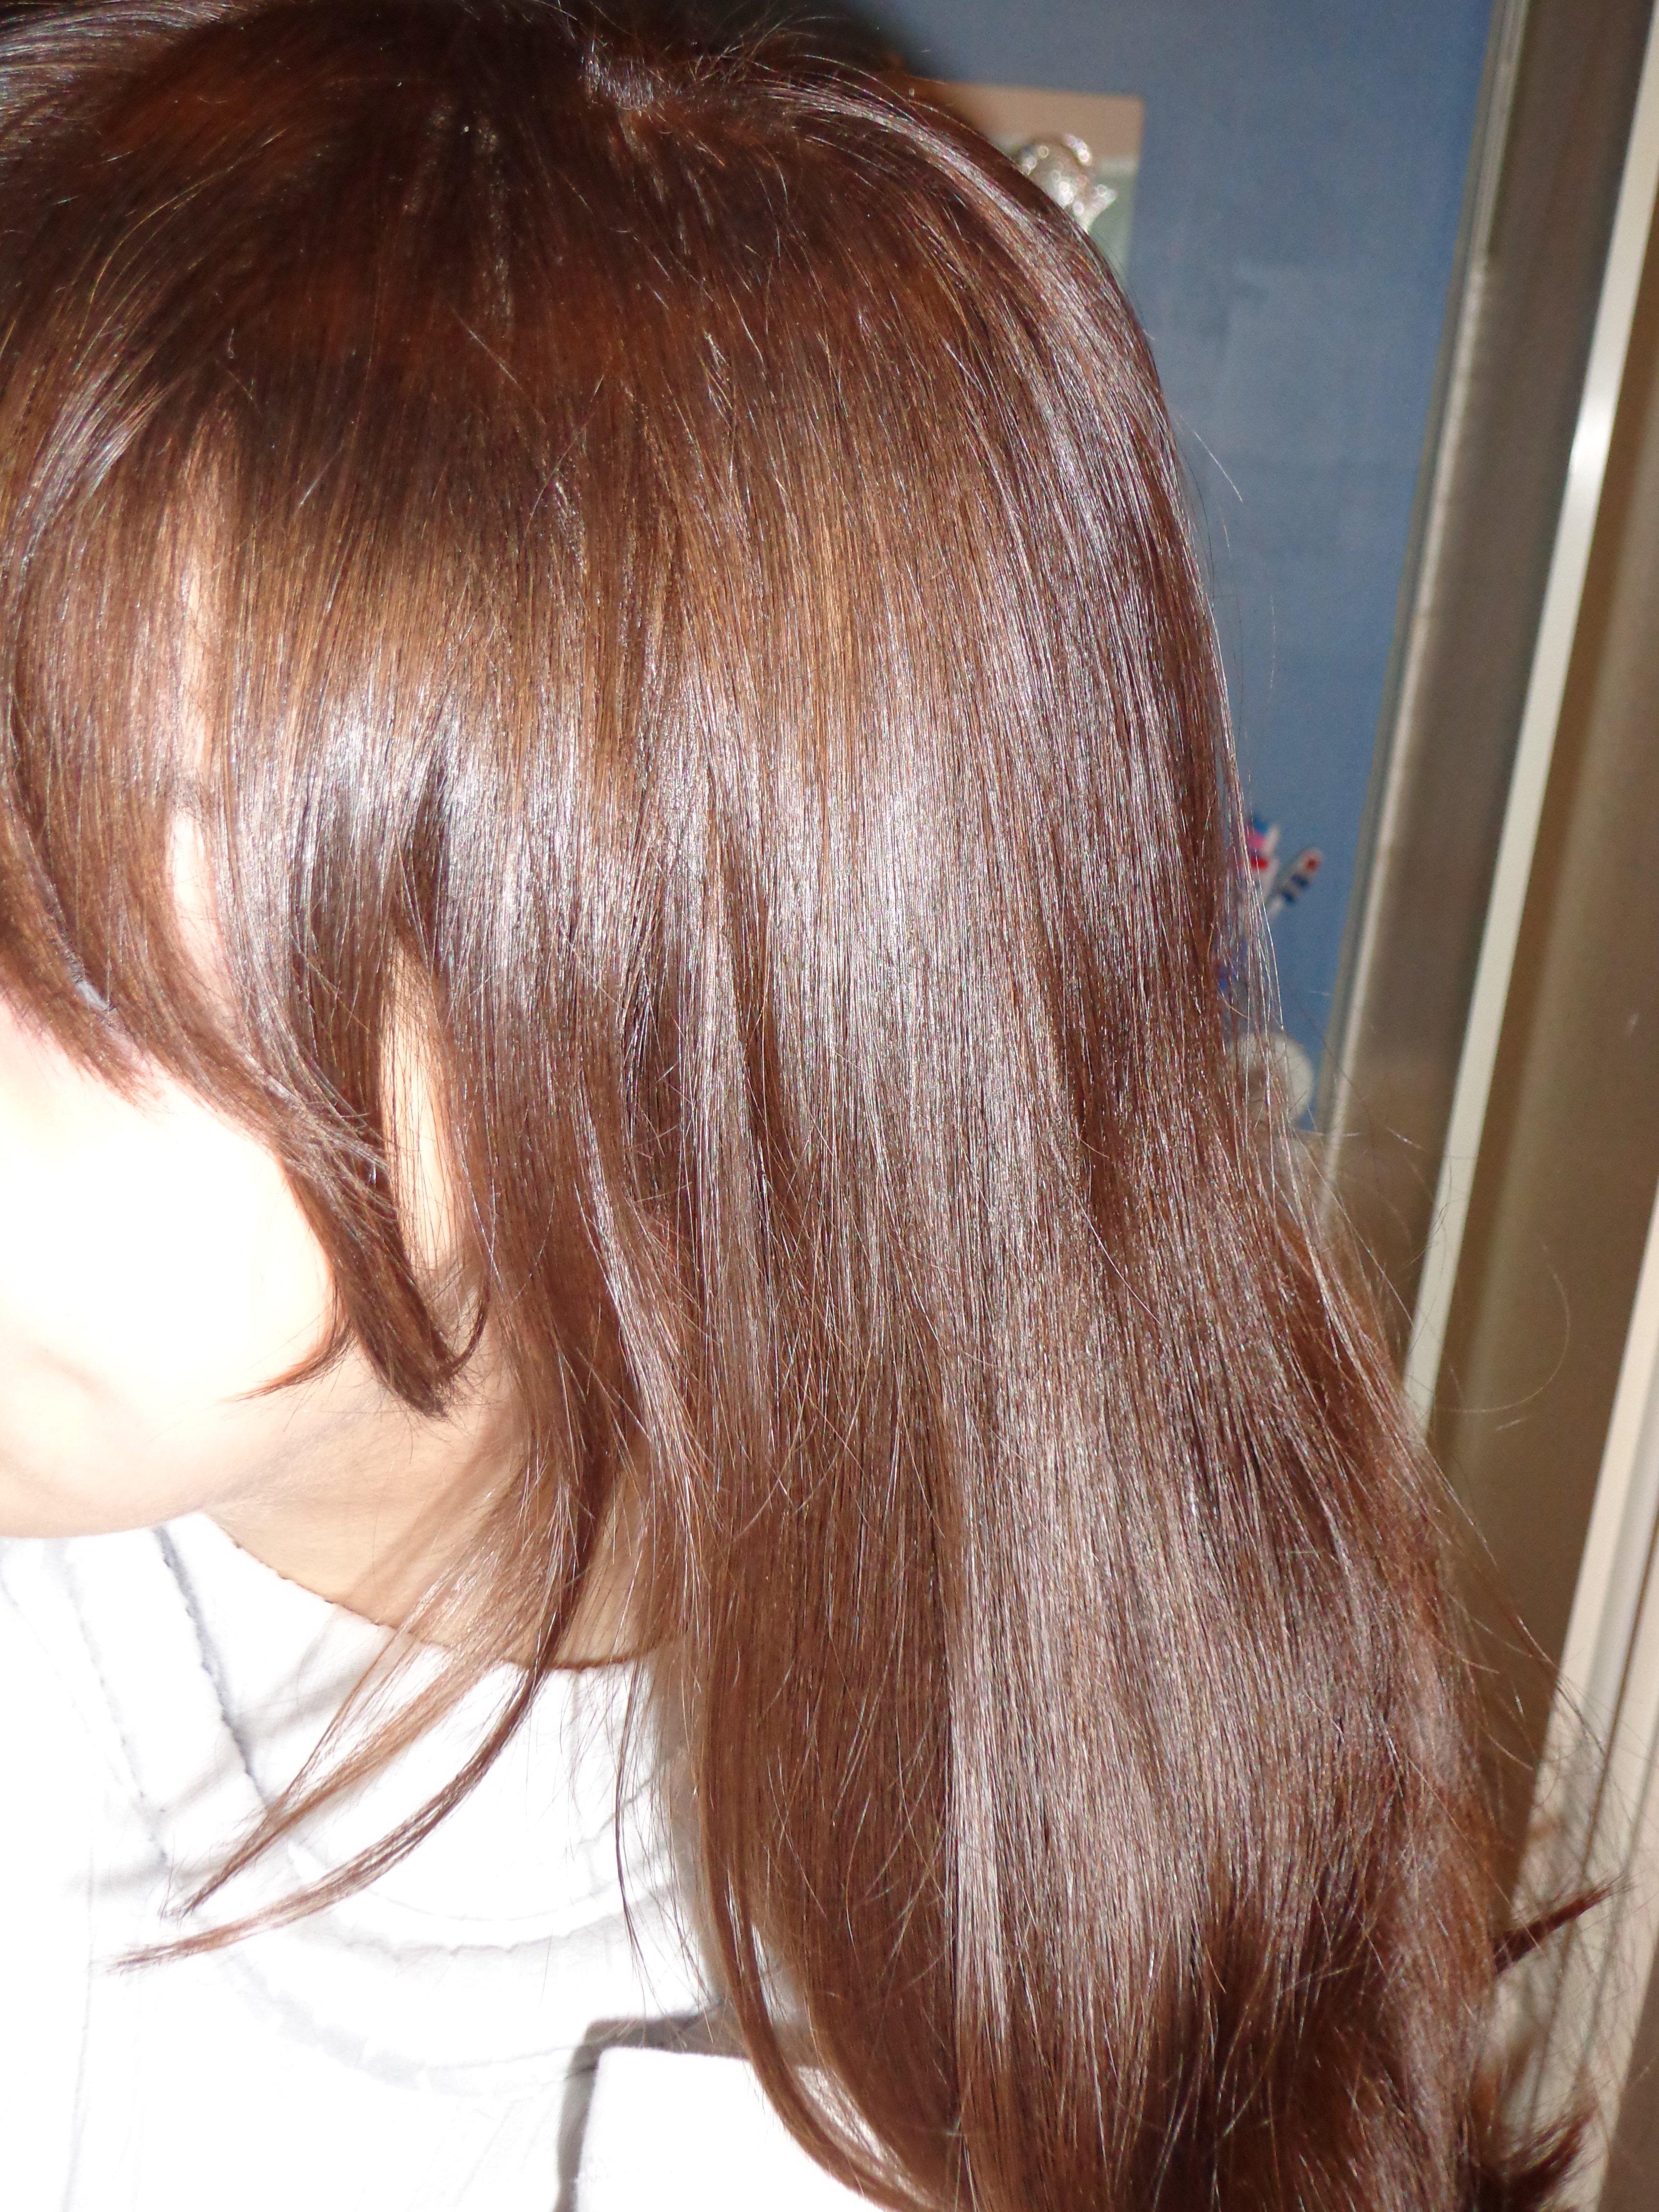 Coloration cheveux enceinte 7 mois